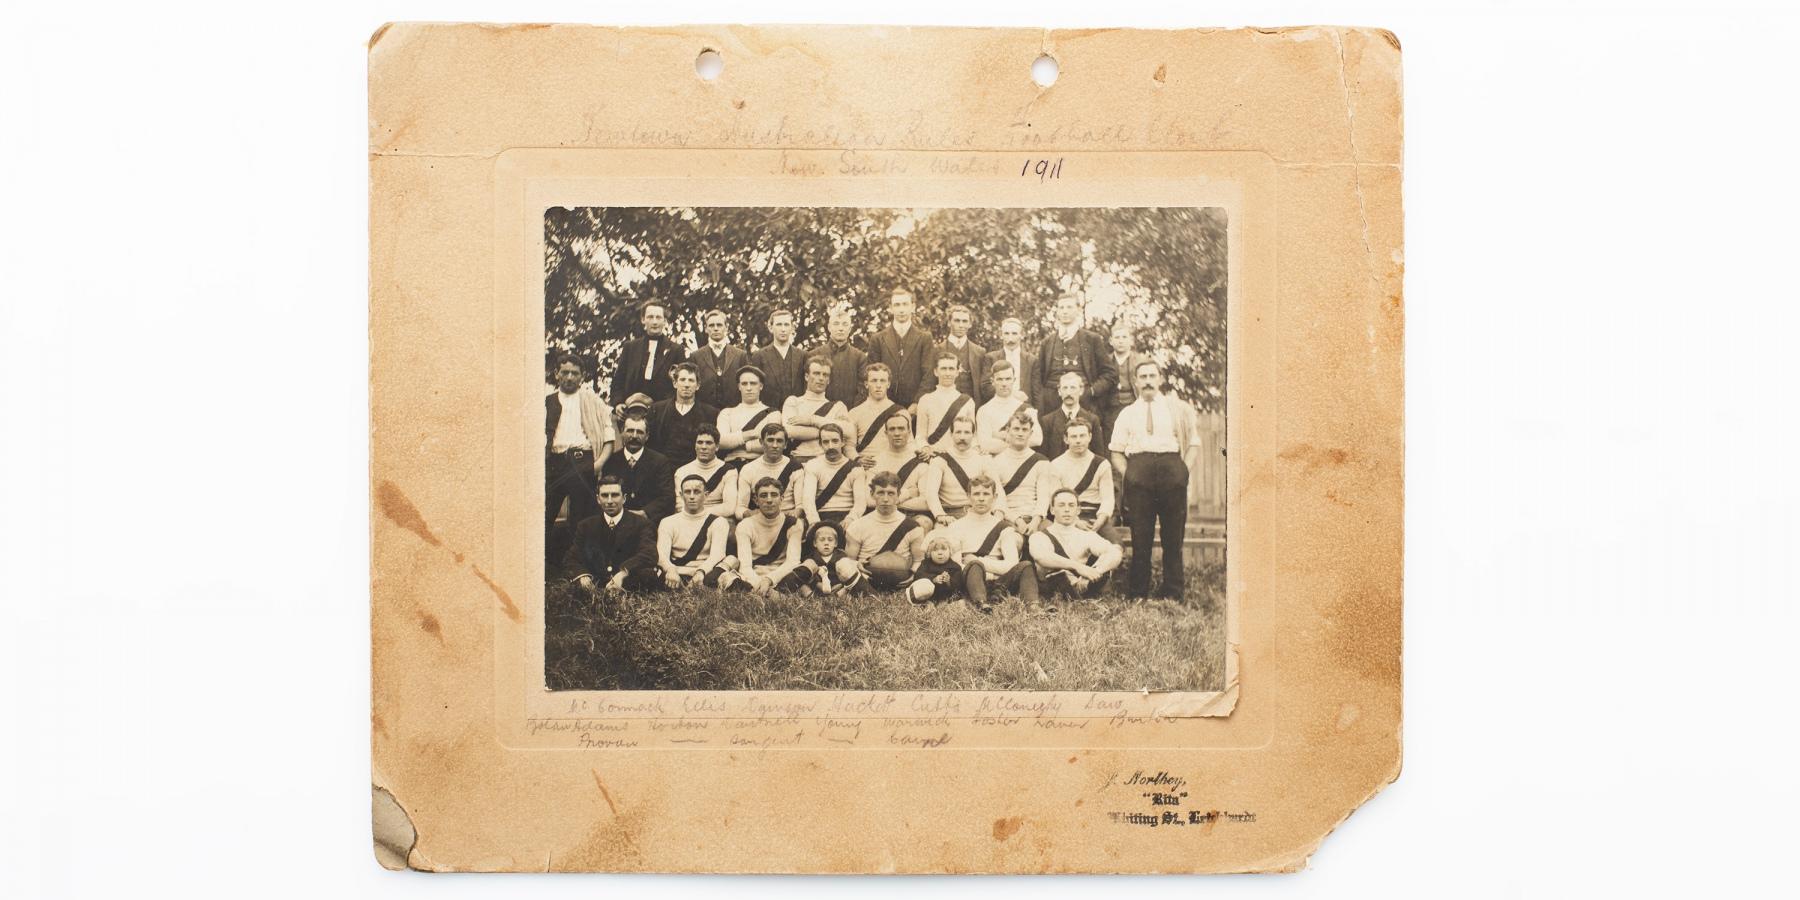 4_NewtownSwans-1911